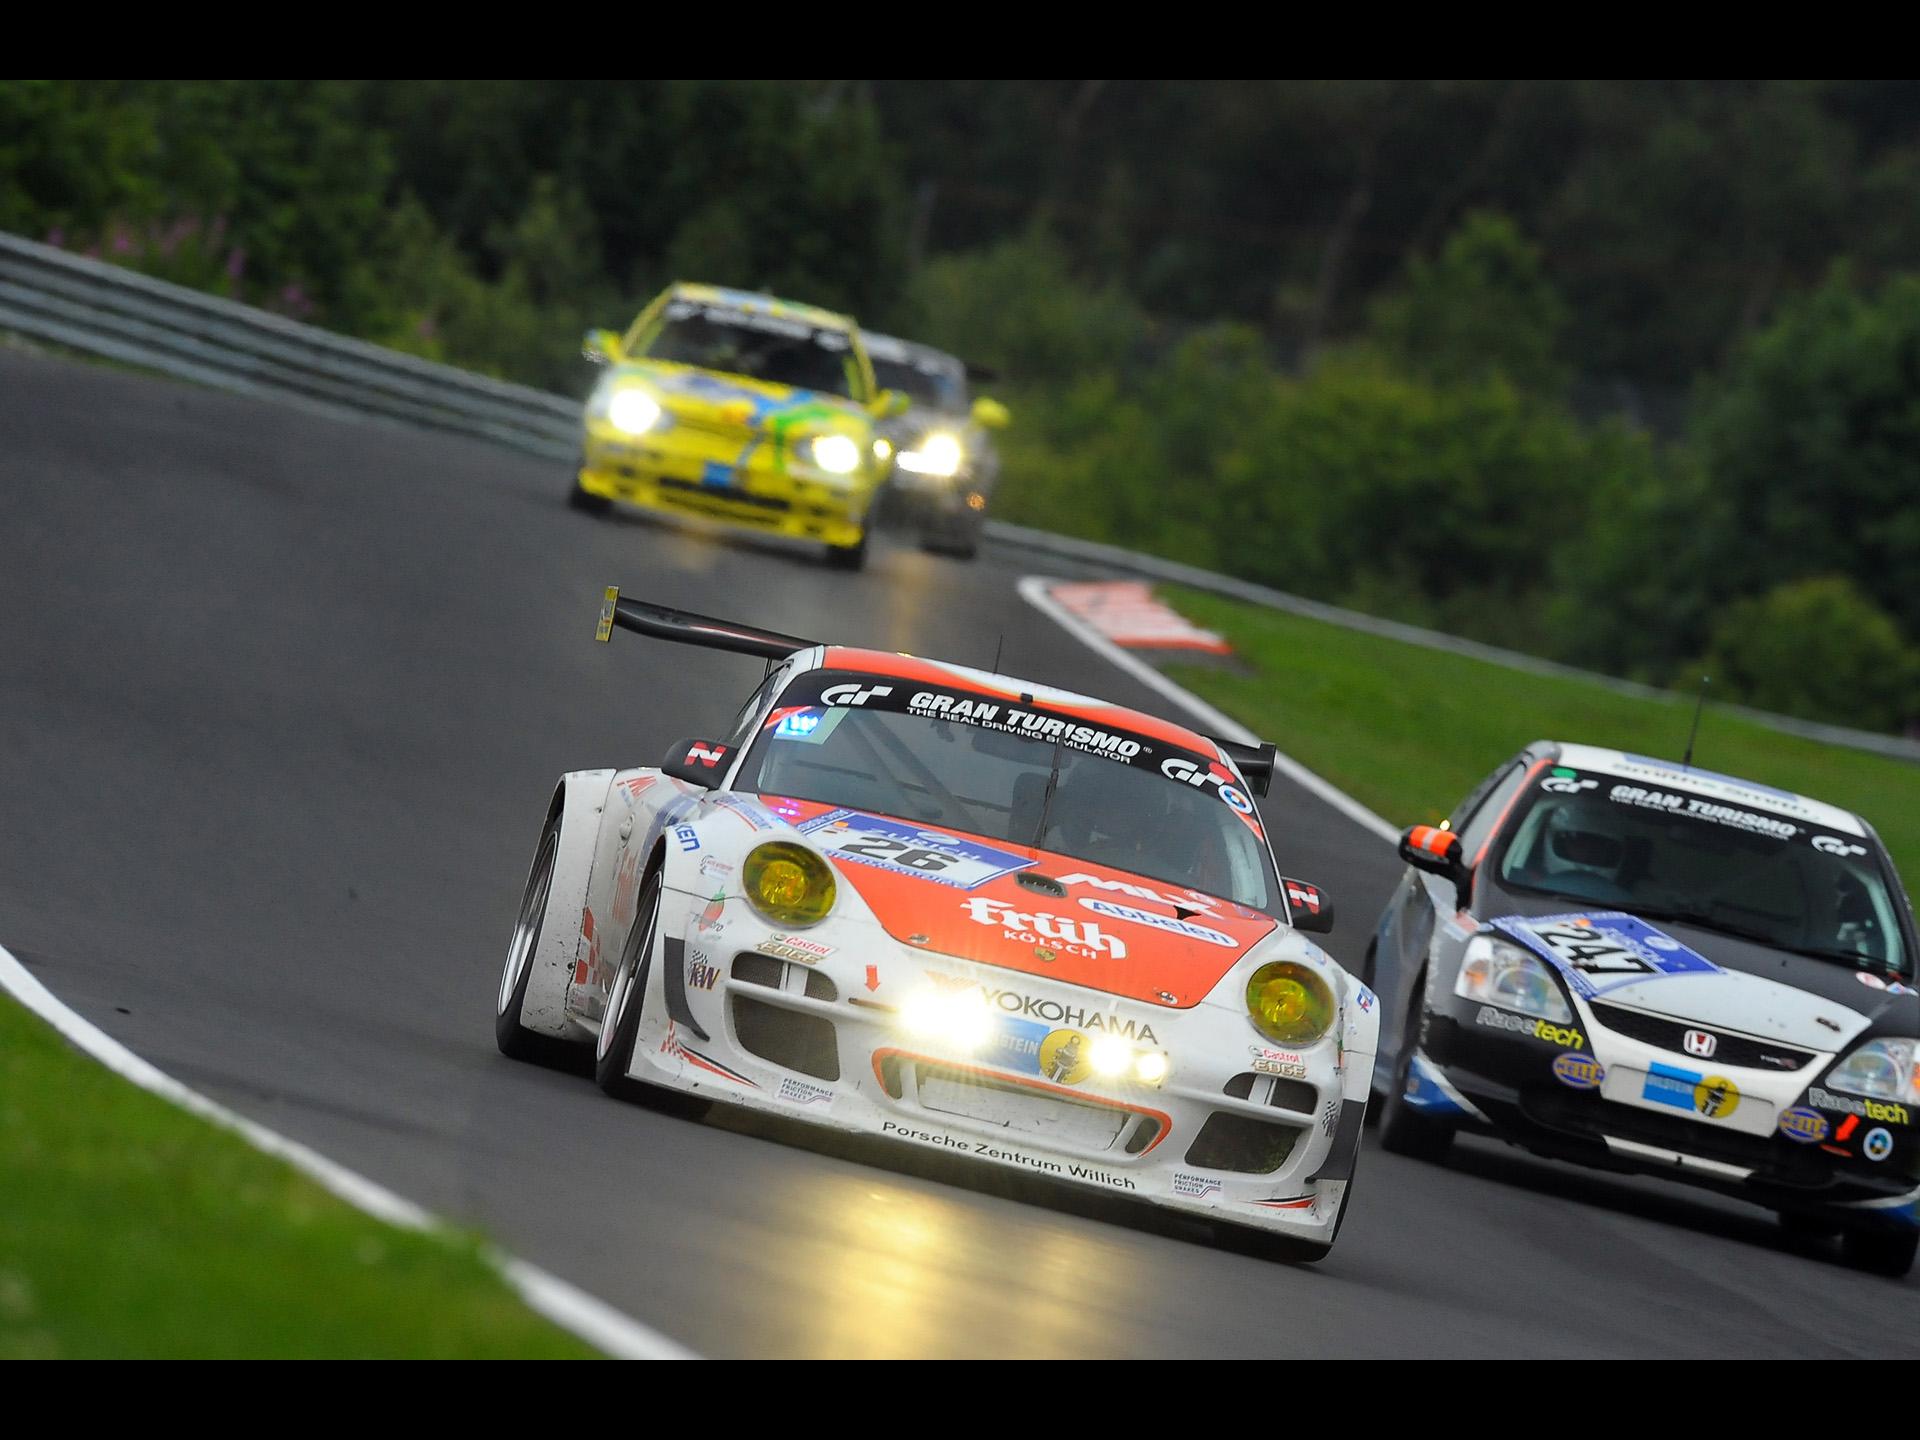 2011-Porsche-911-GT3-Victory-at-Nurburgring-24-Hours-MSC-Adenau-1920x1440.jpg